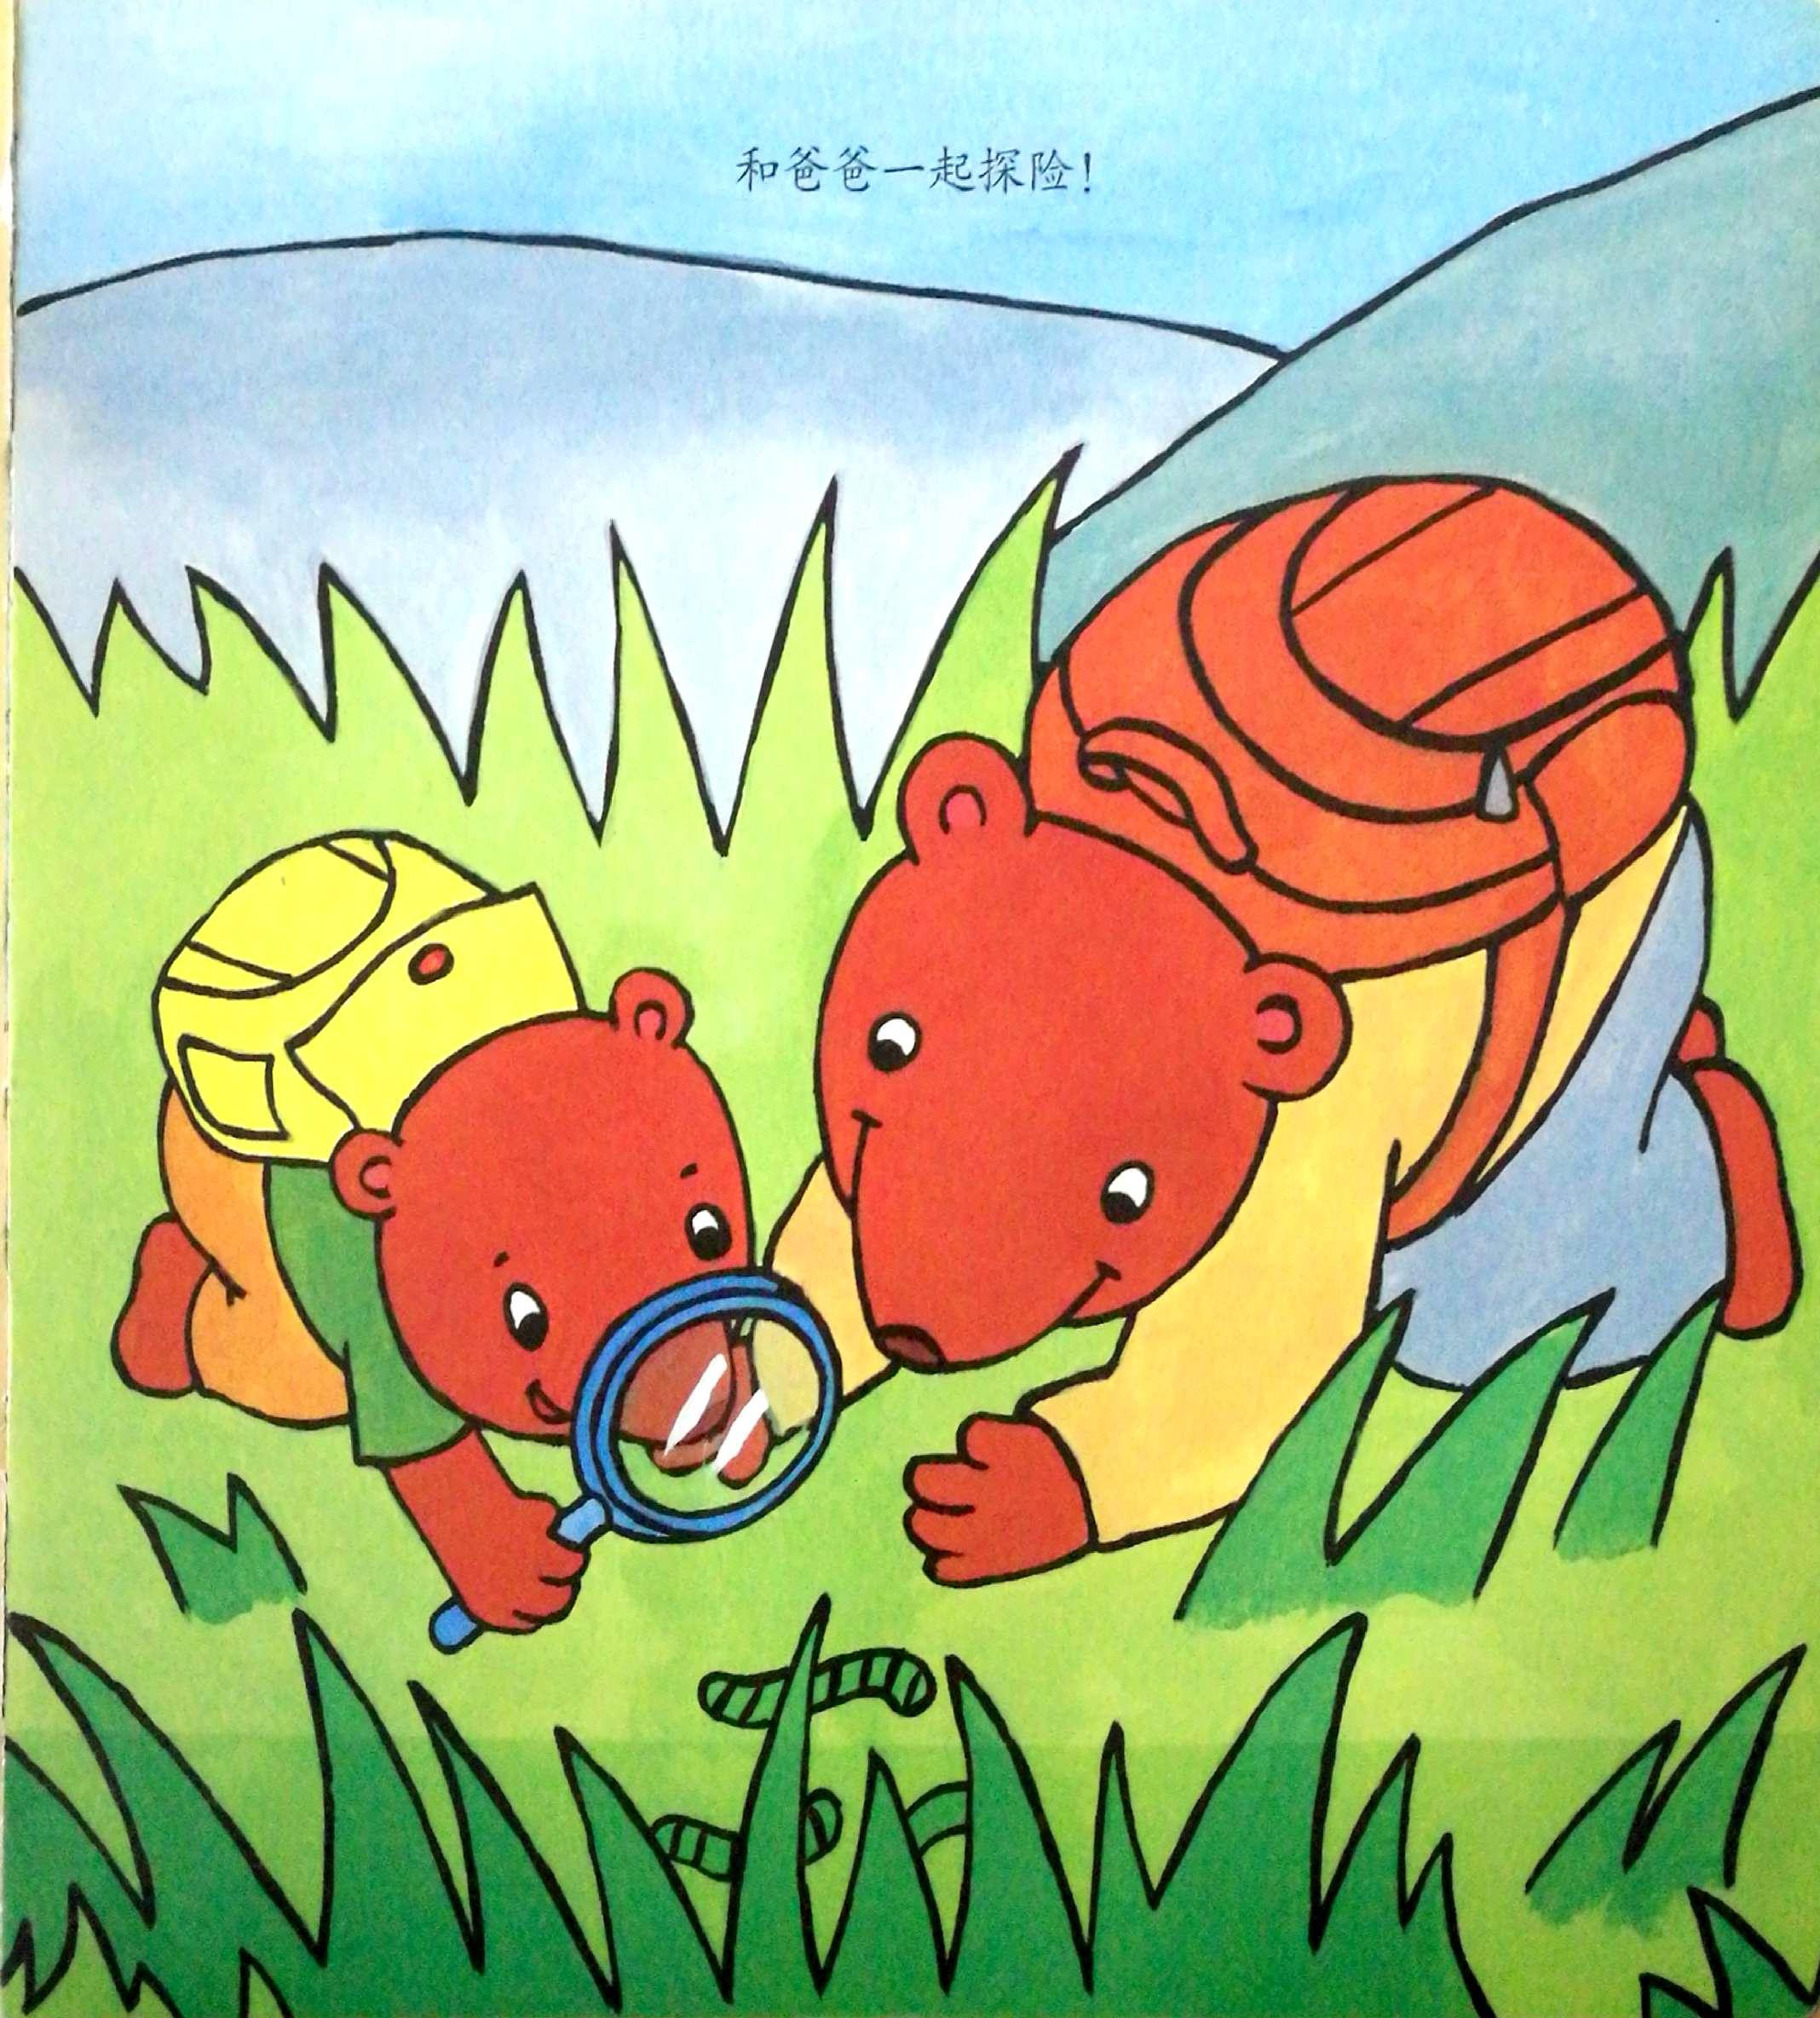 动漫 儿童画 卡通 漫画 头像 2136_2368